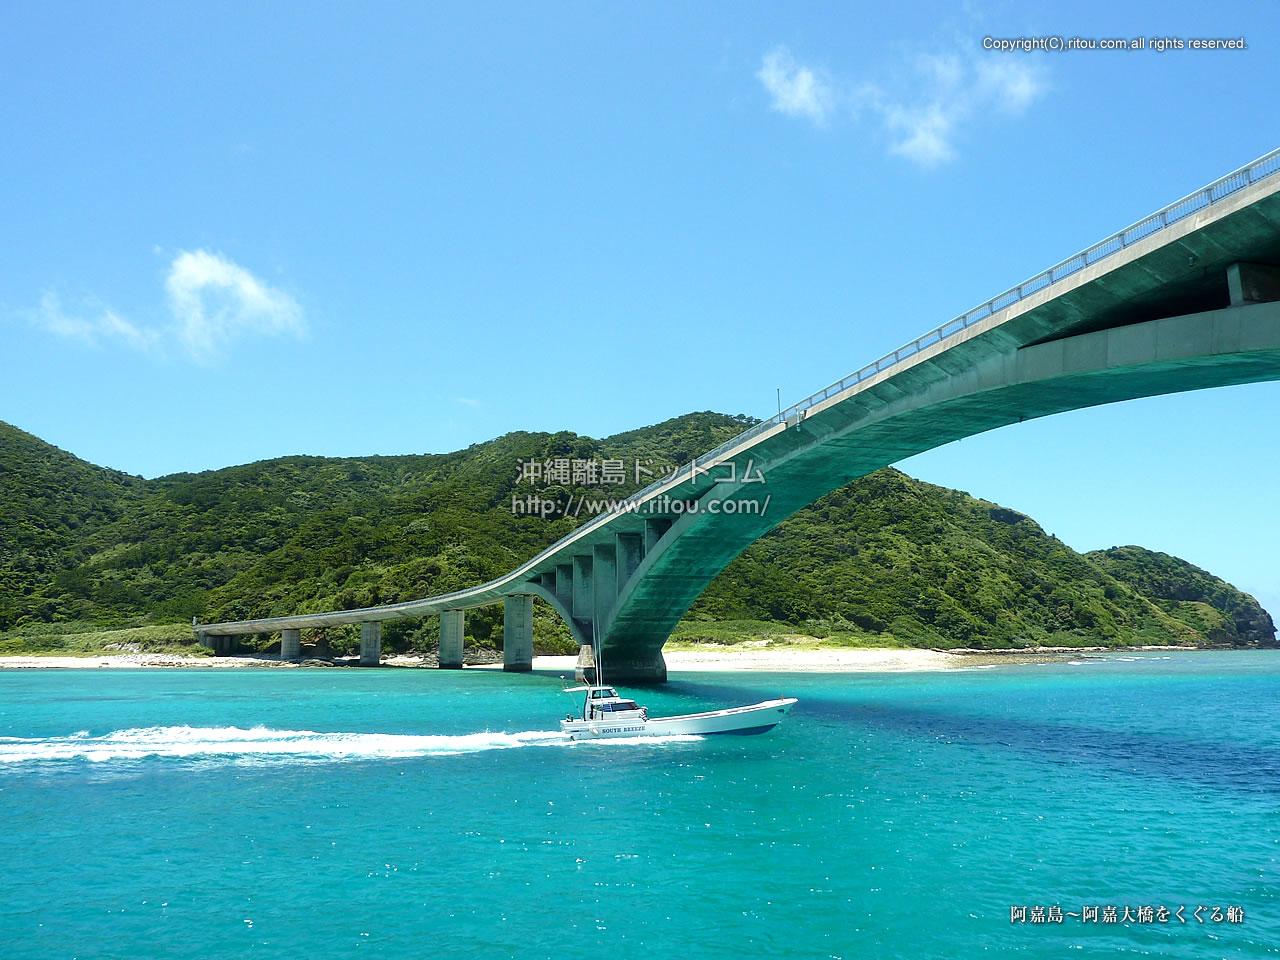 阿嘉島〜阿嘉大橋をくぐる船